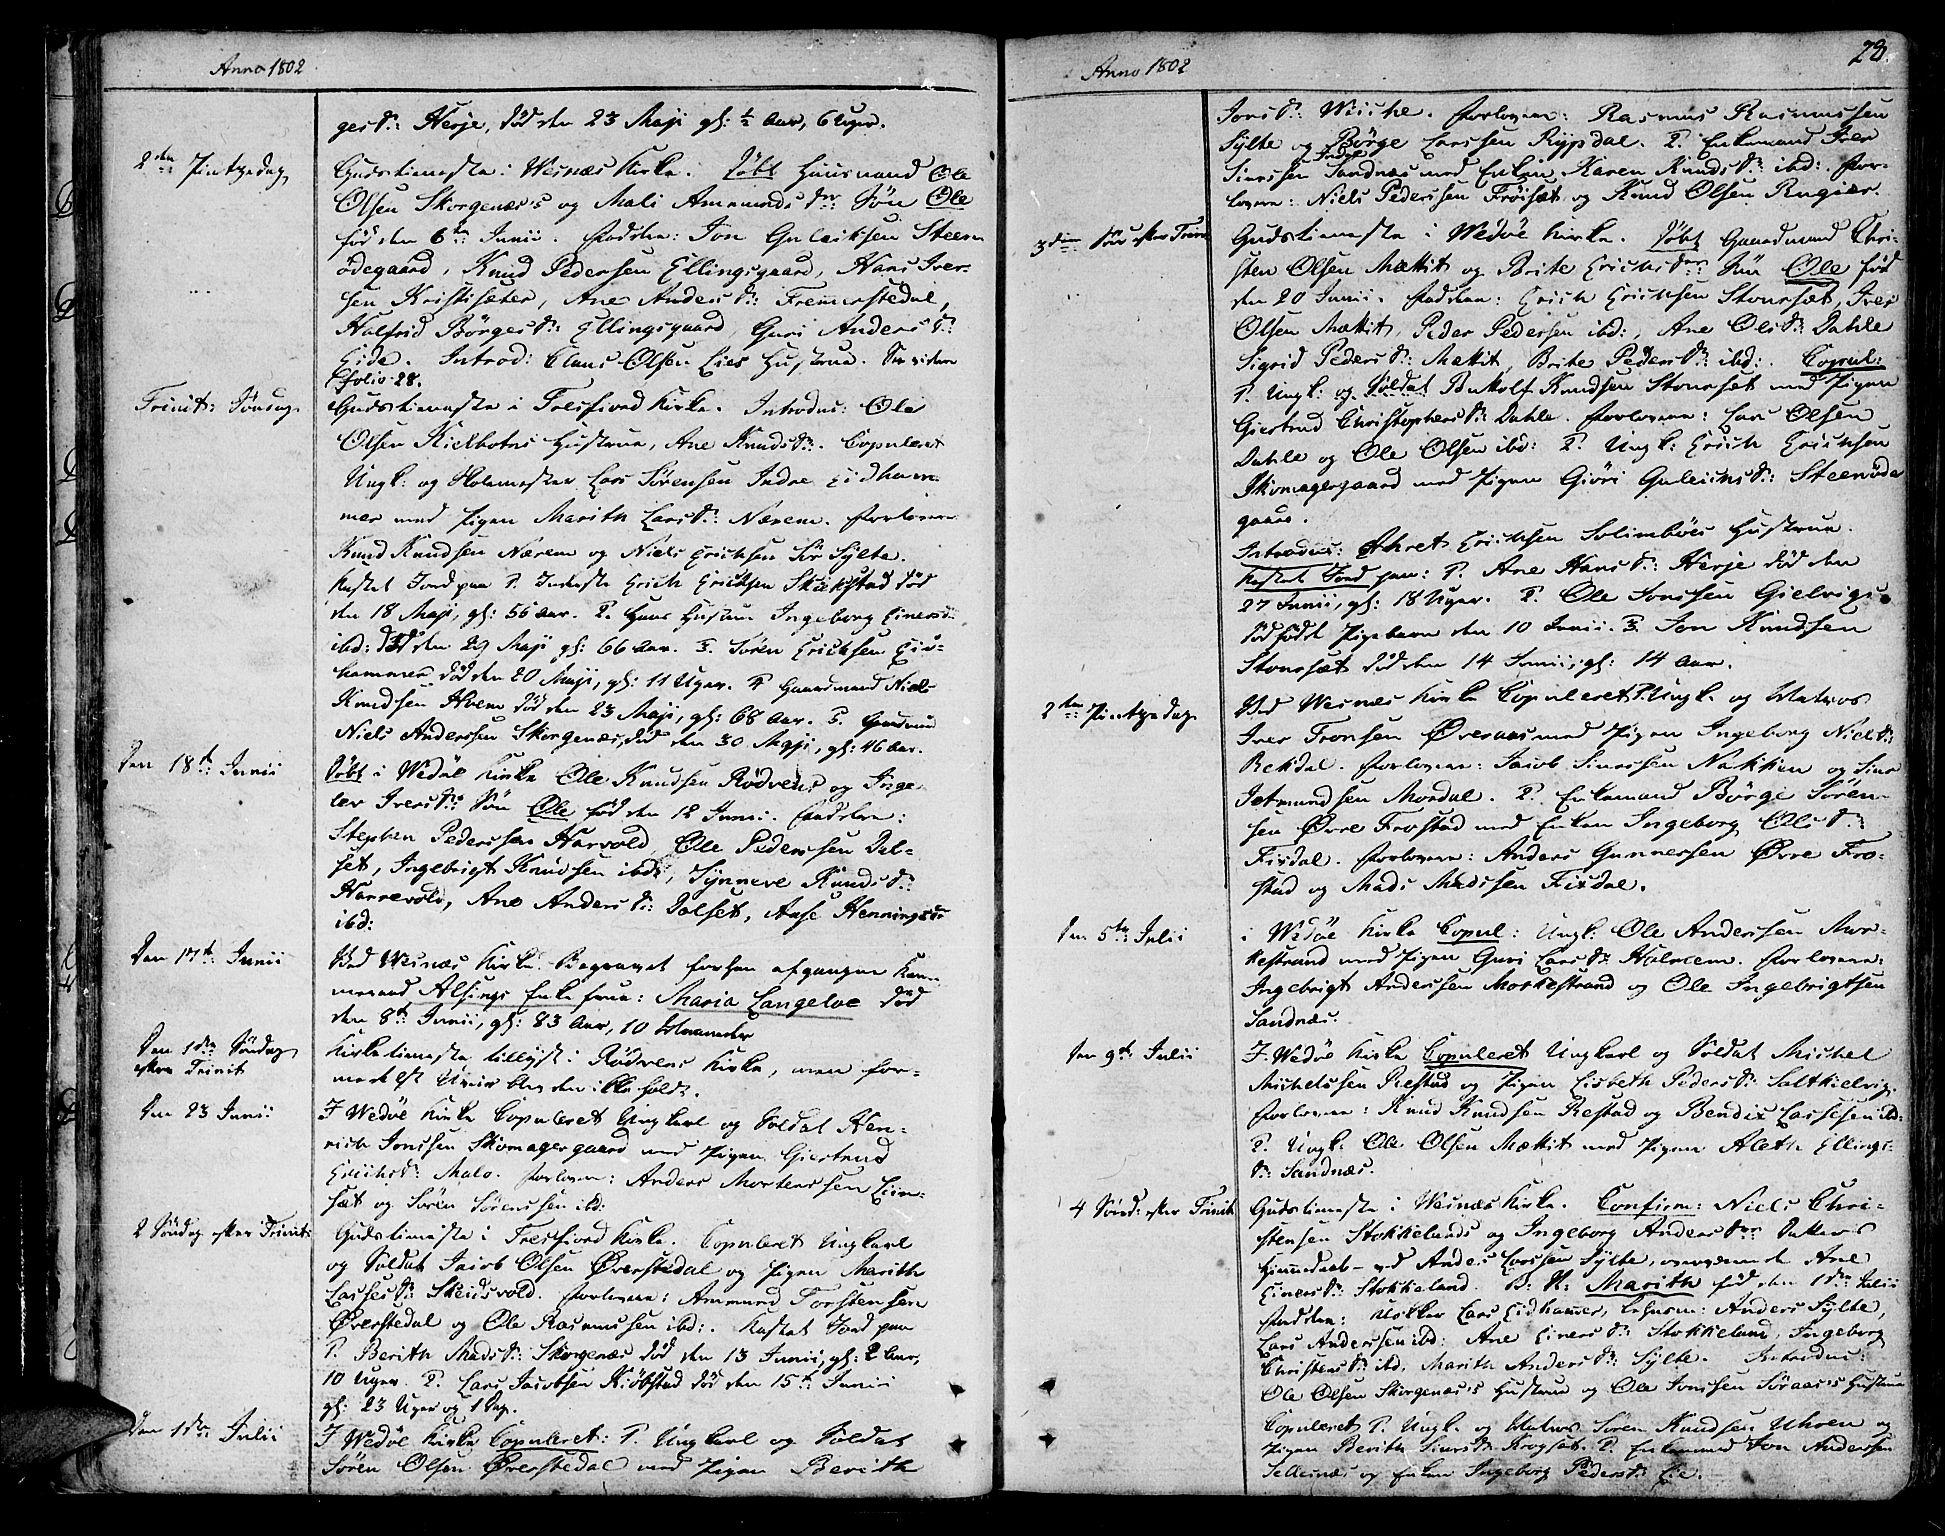 SAT, Ministerialprotokoller, klokkerbøker og fødselsregistre - Møre og Romsdal, 547/L0601: Ministerialbok nr. 547A03, 1799-1818, s. 28